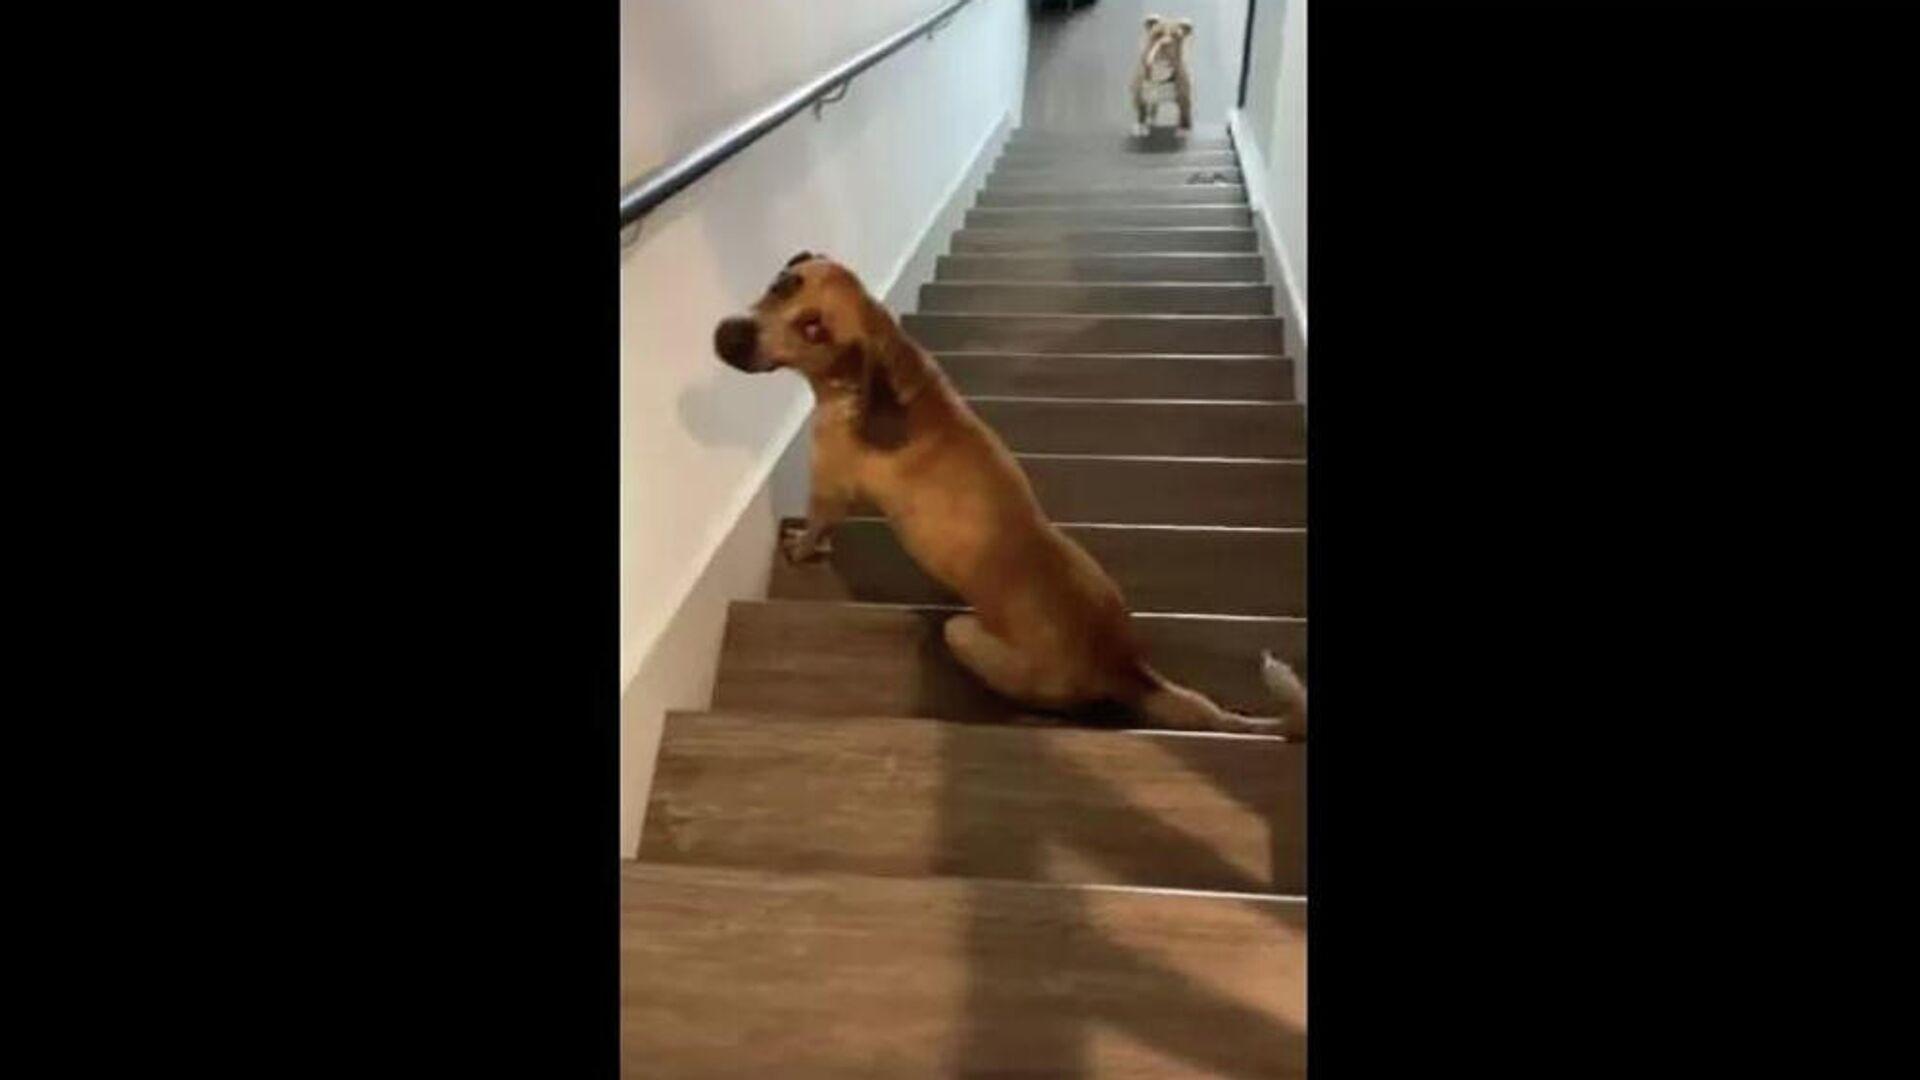 Σκυλάκι χάνει την ισορροπία του και γλιστράει στις σκάλες - Sputnik Ελλάδα, 1920, 24.09.2021